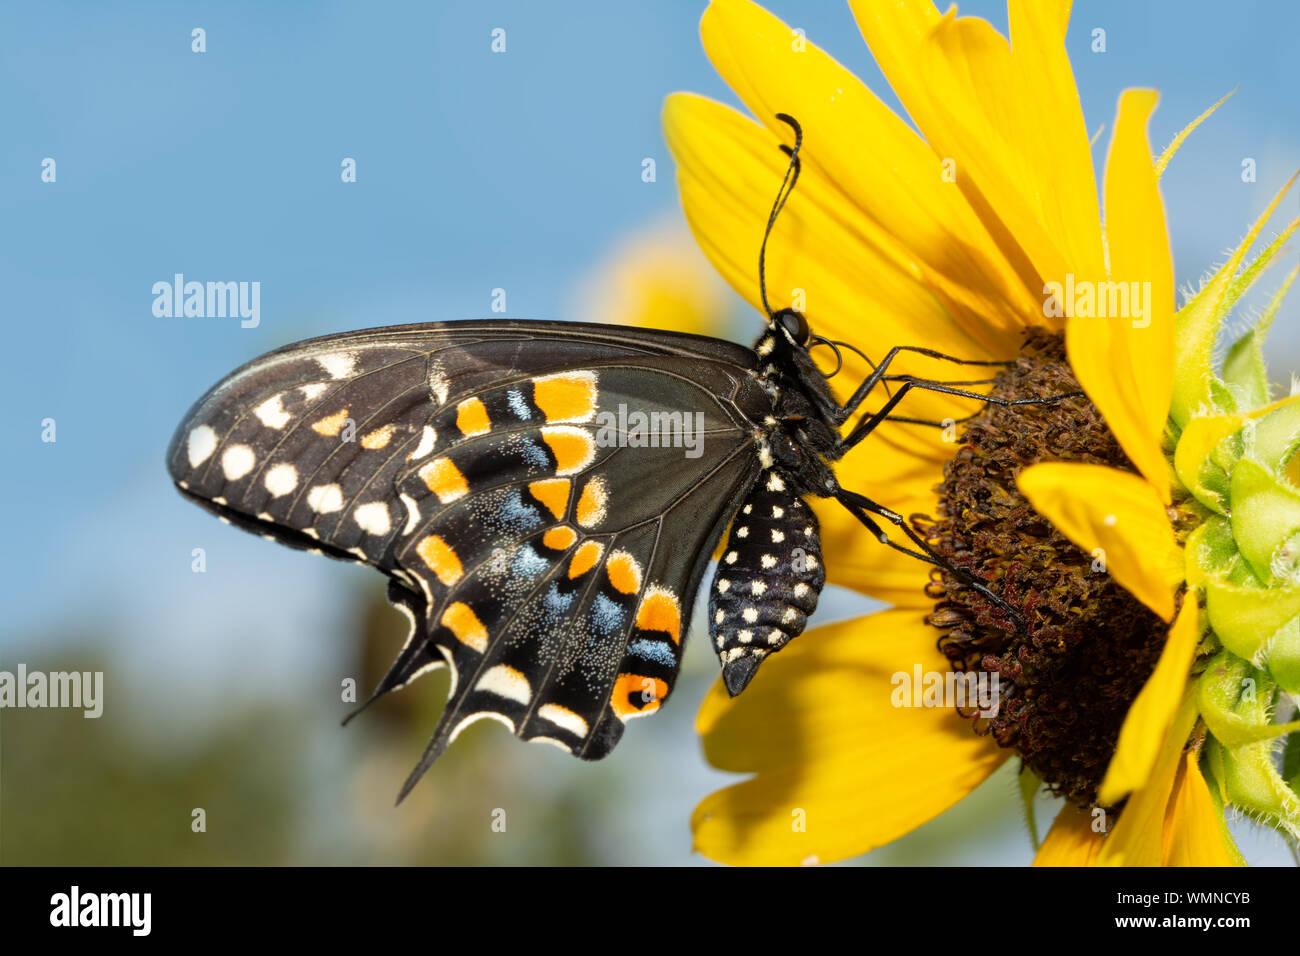 Nero a farfalla a coda di rondine su un nativo di girasole selvatico contro il cielo blu Foto Stock